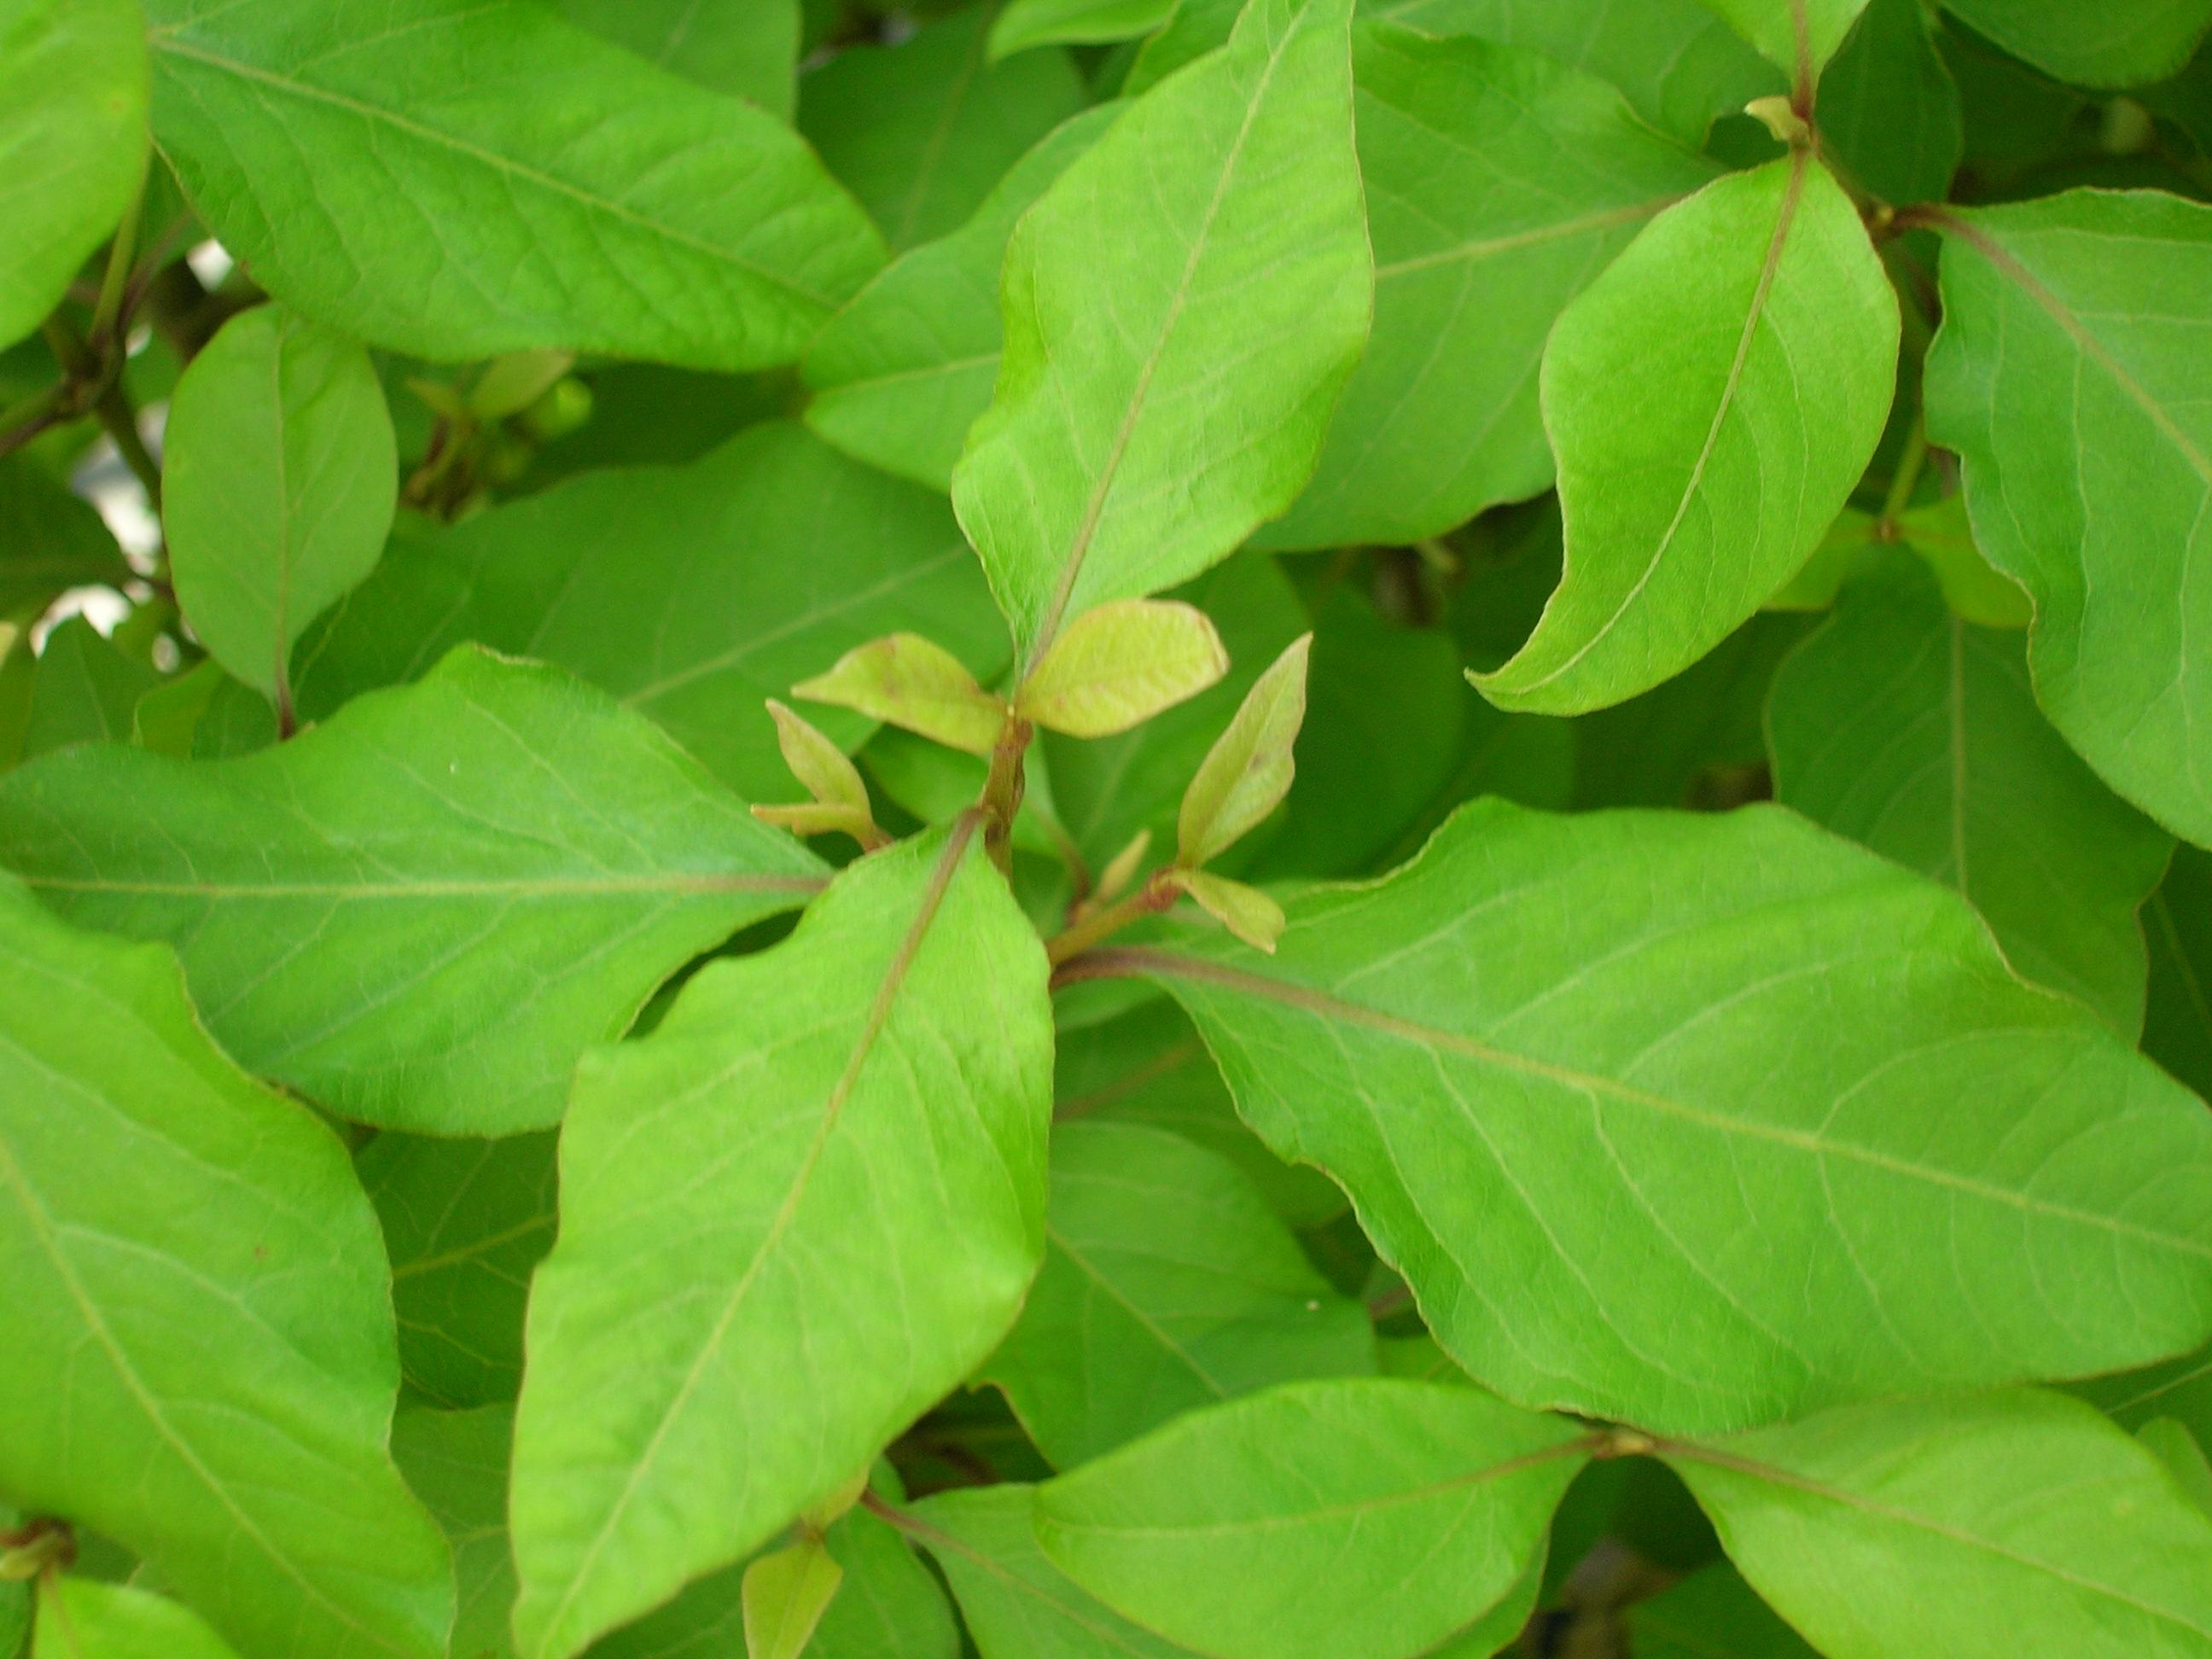 nototrichium humile